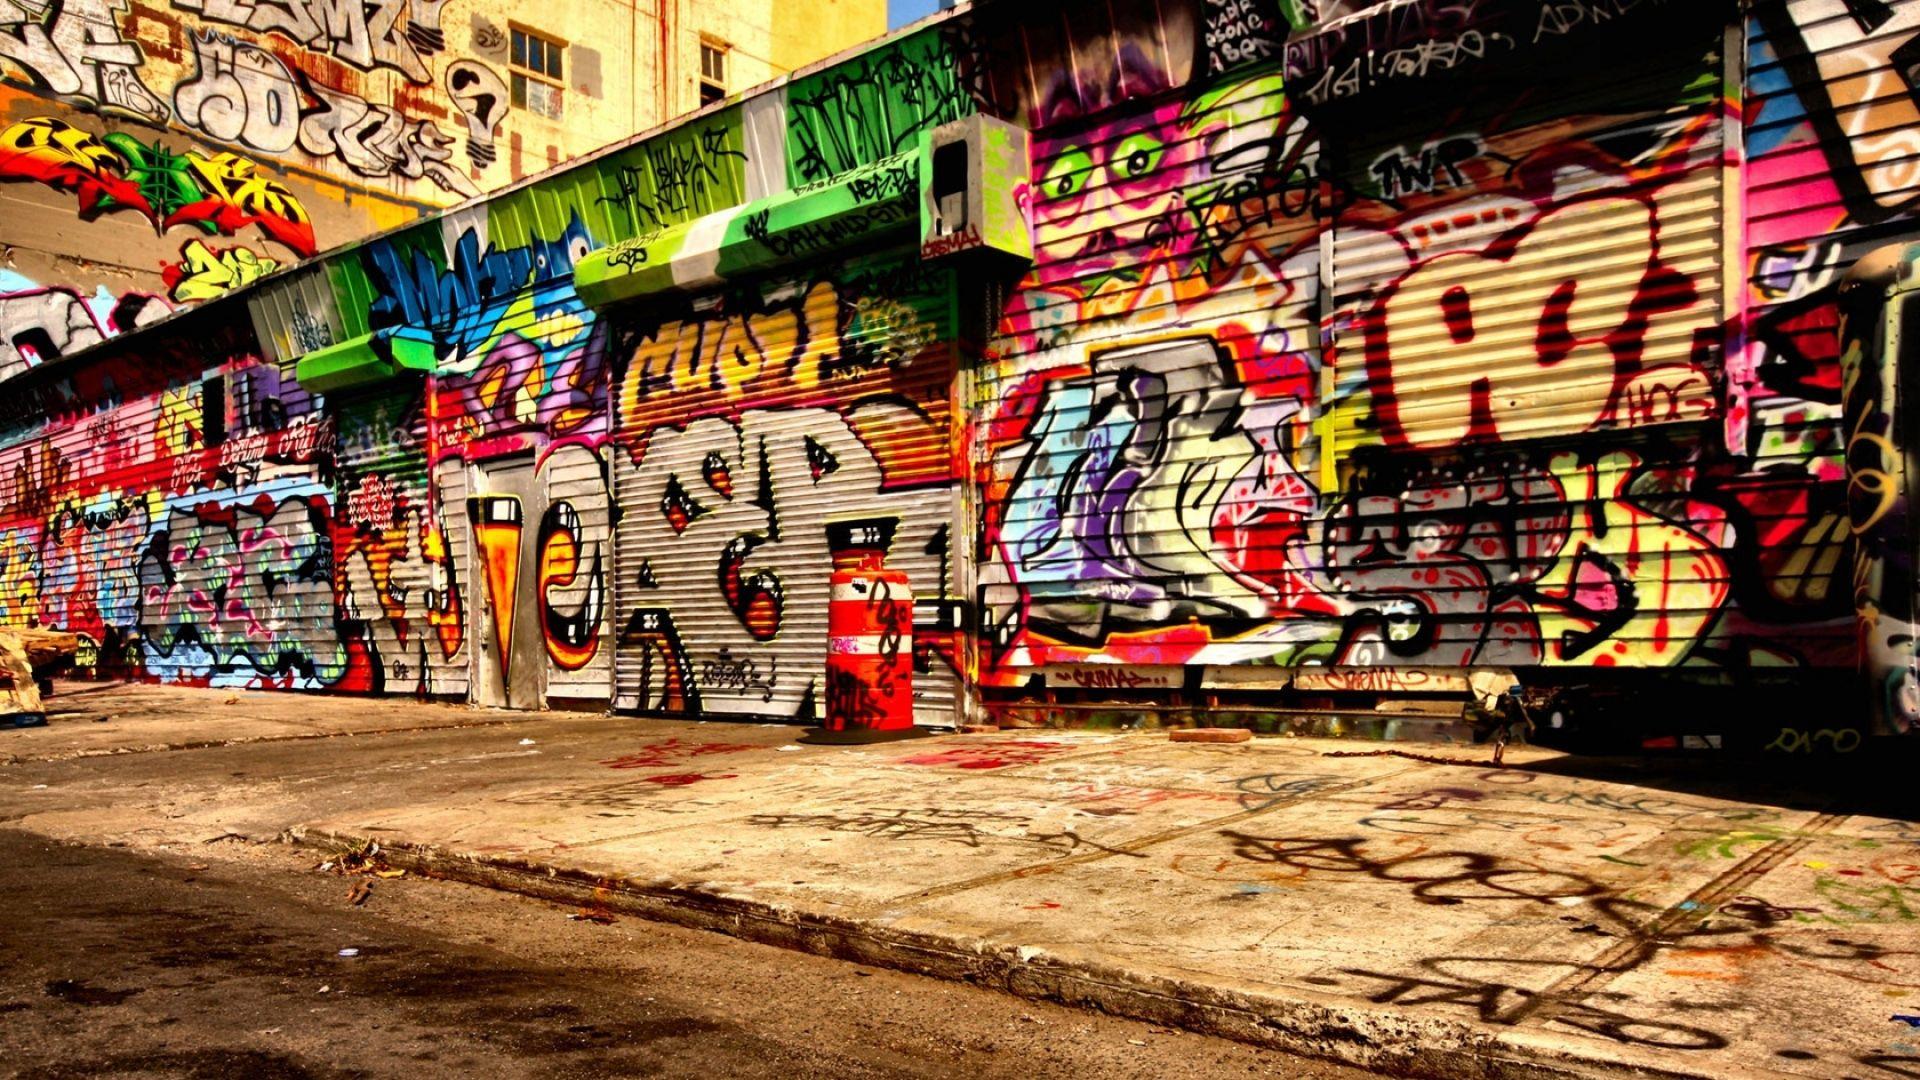 Street Art vertical wallpaper hd